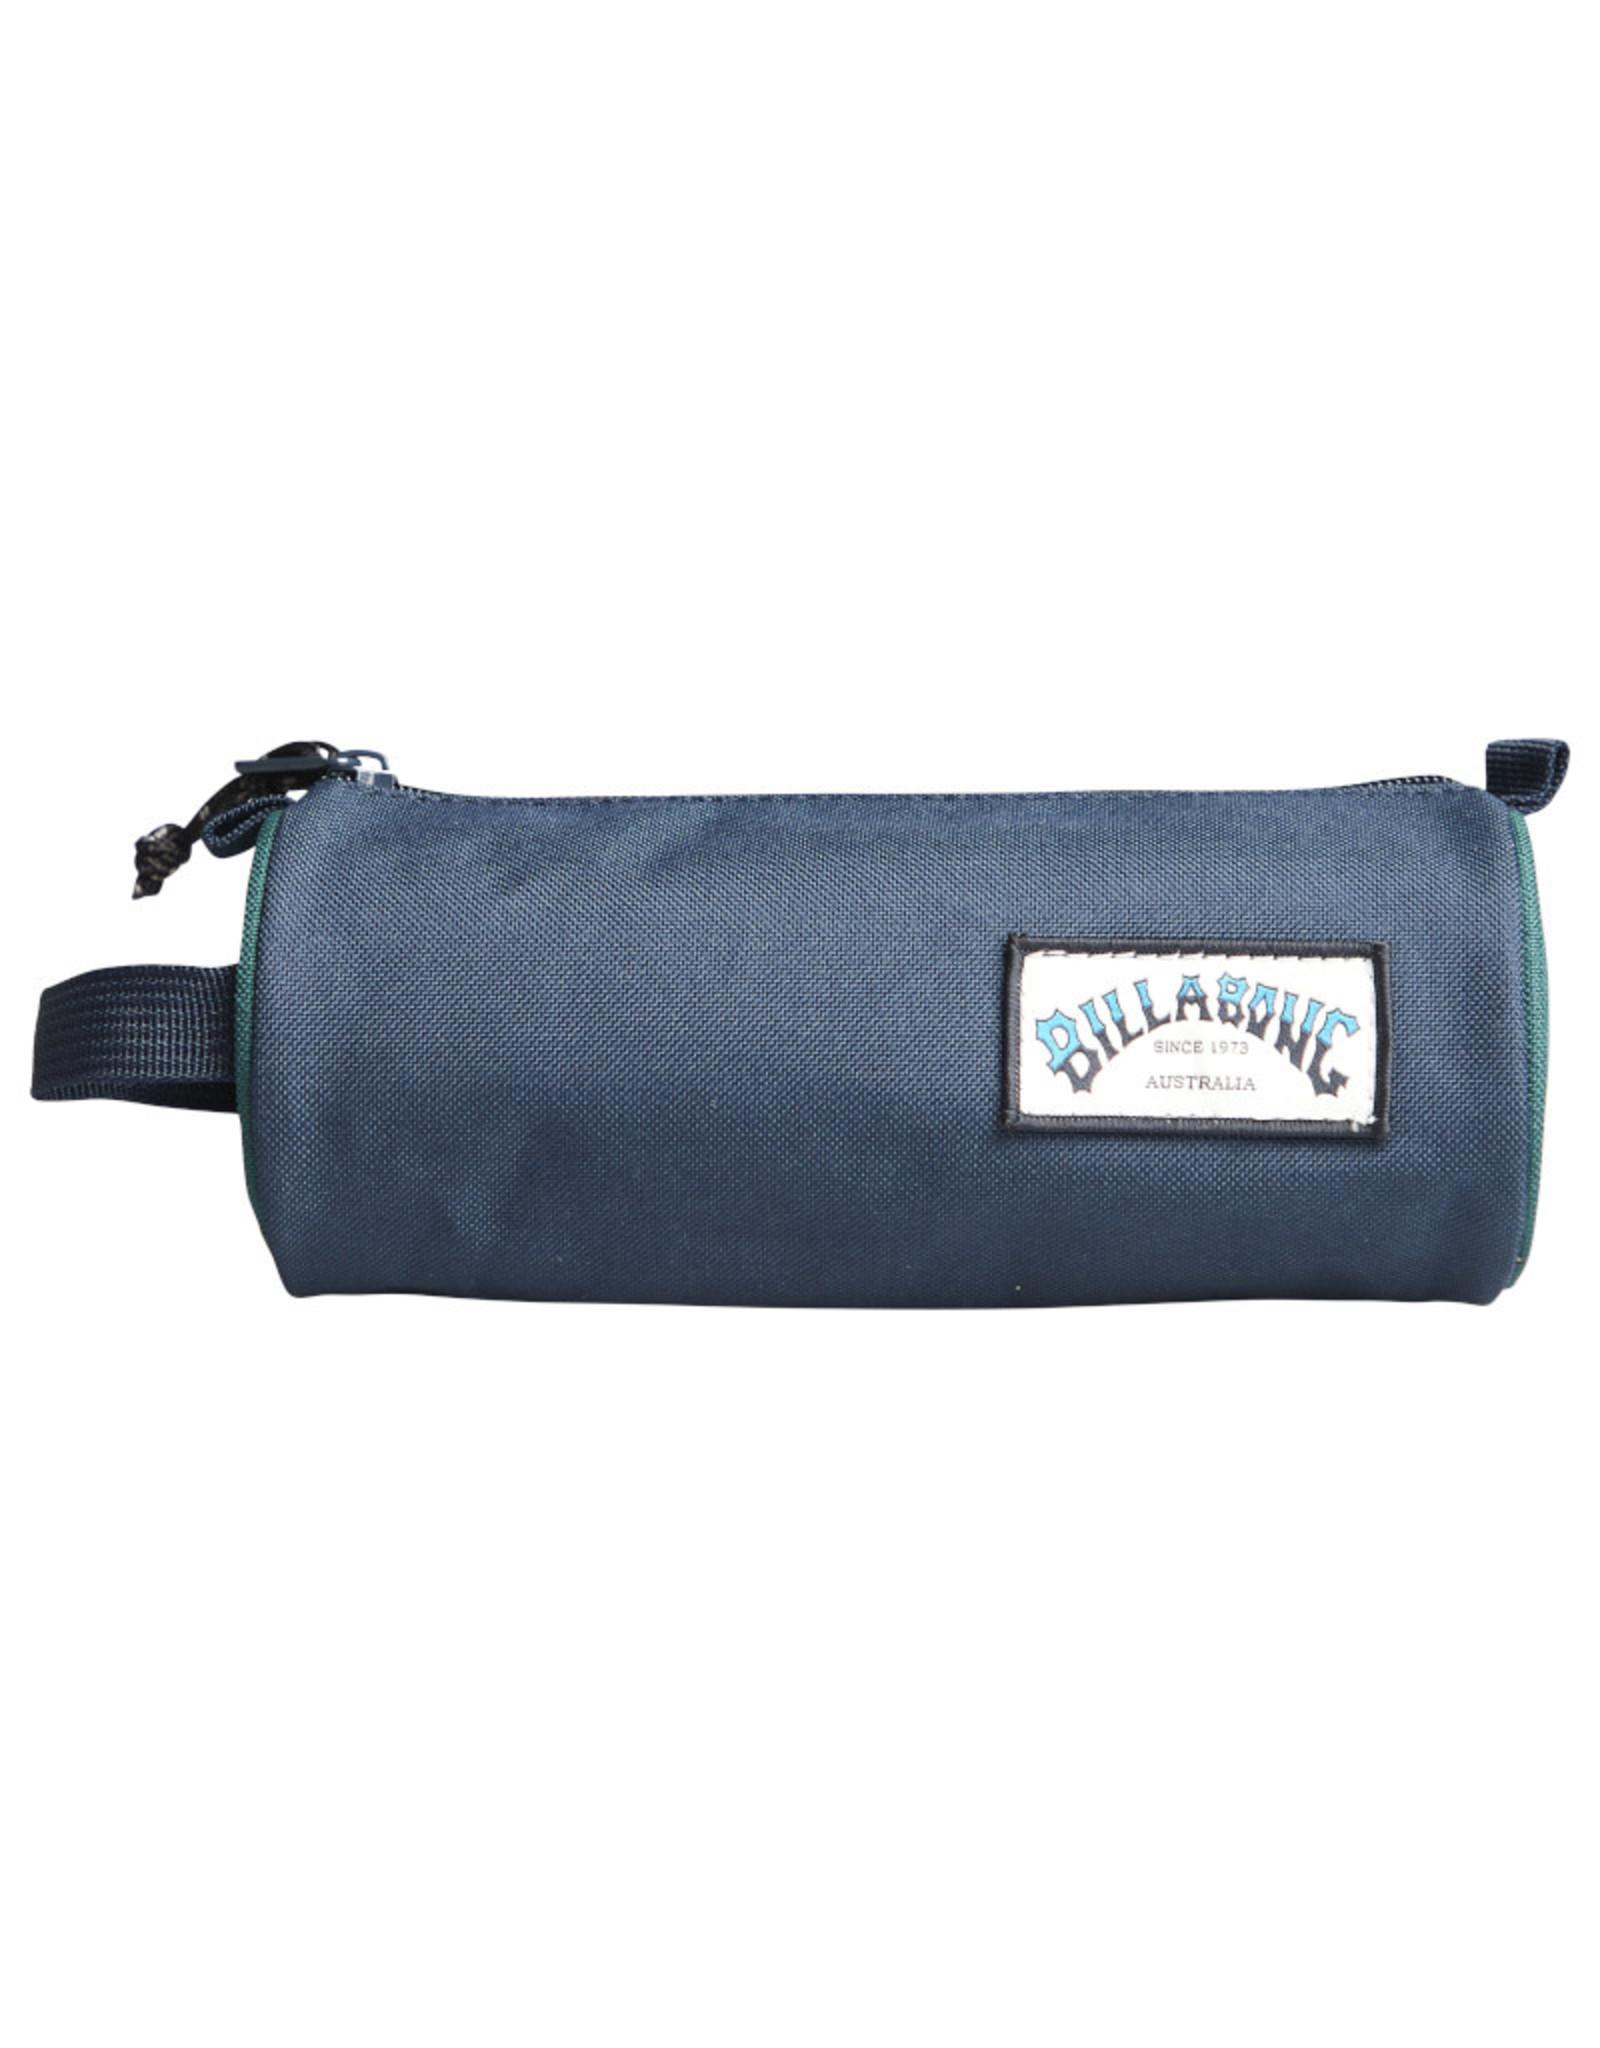 Billabong Billabong Barrel Pencil Case